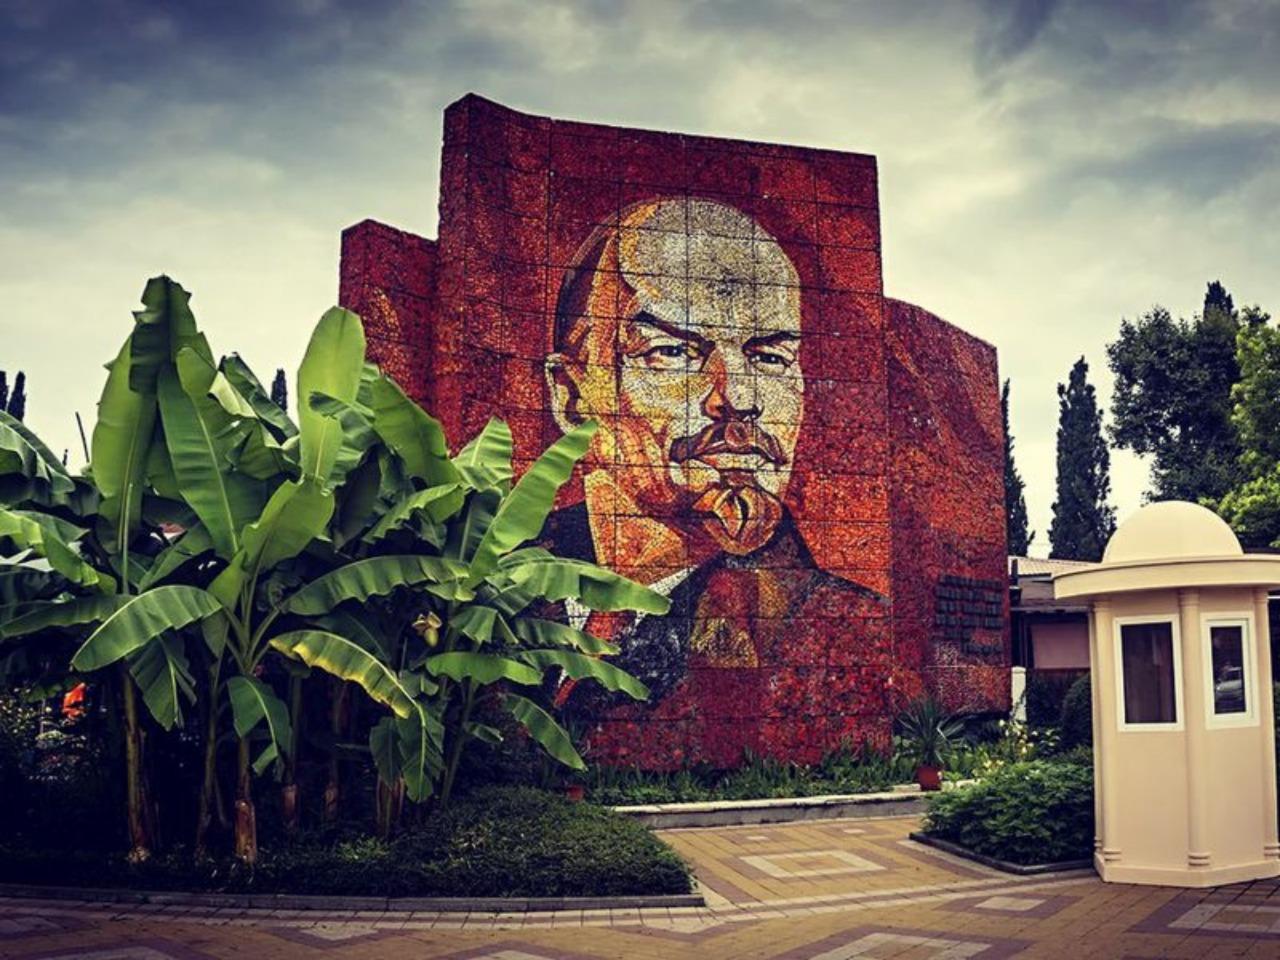 Экскурсия в прошлое: советский курорт Сочи  - индивидуальная экскурсия в Сочи от опытного гида